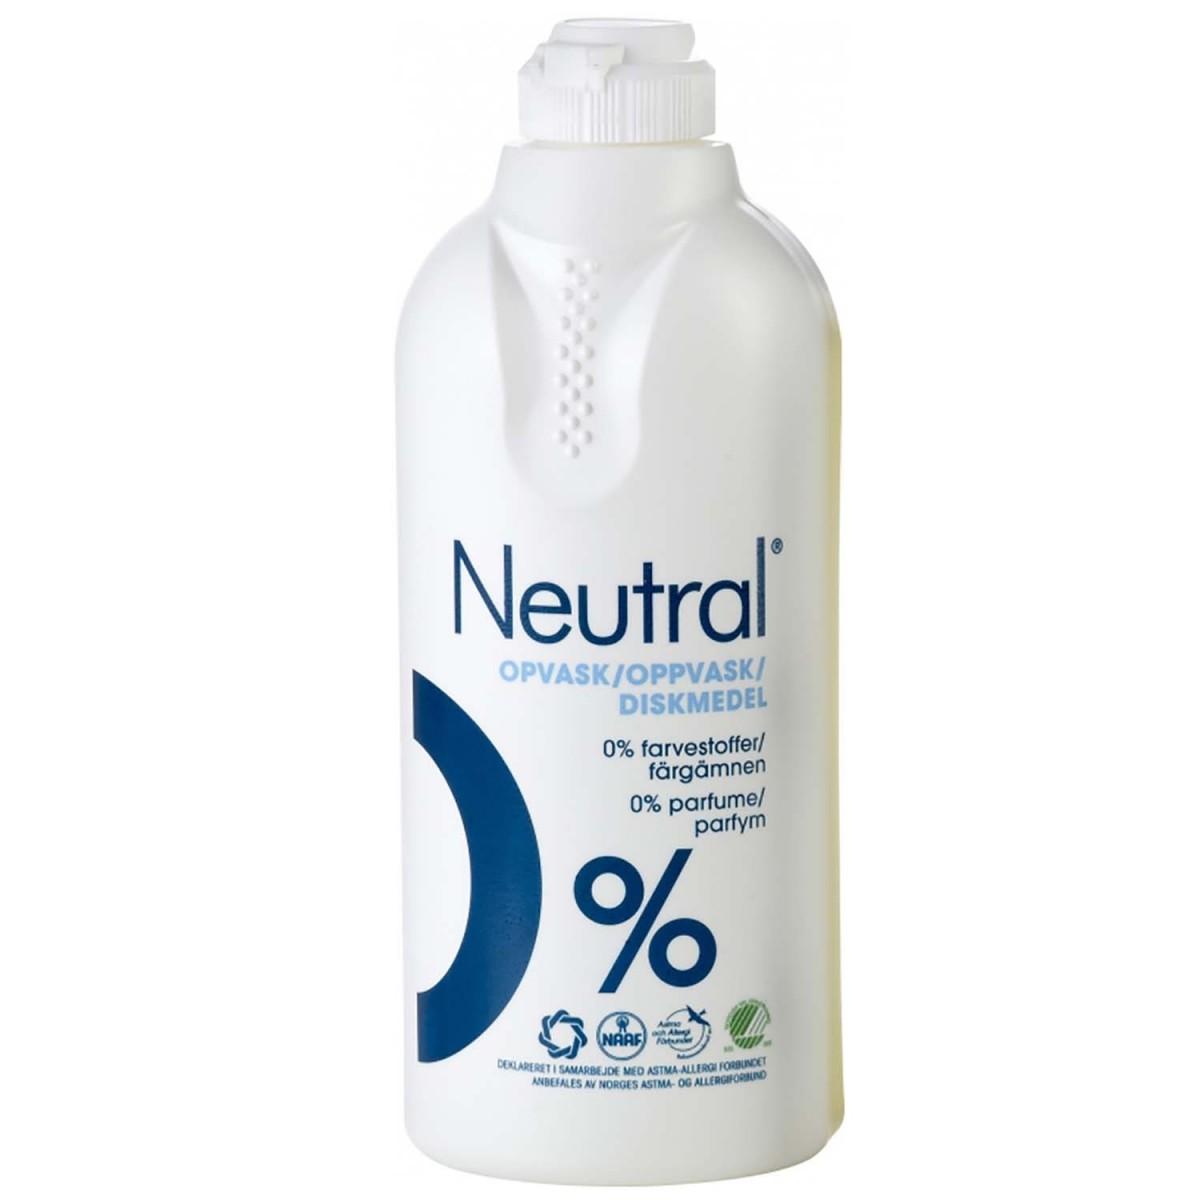 Håndopvask Neutral-31